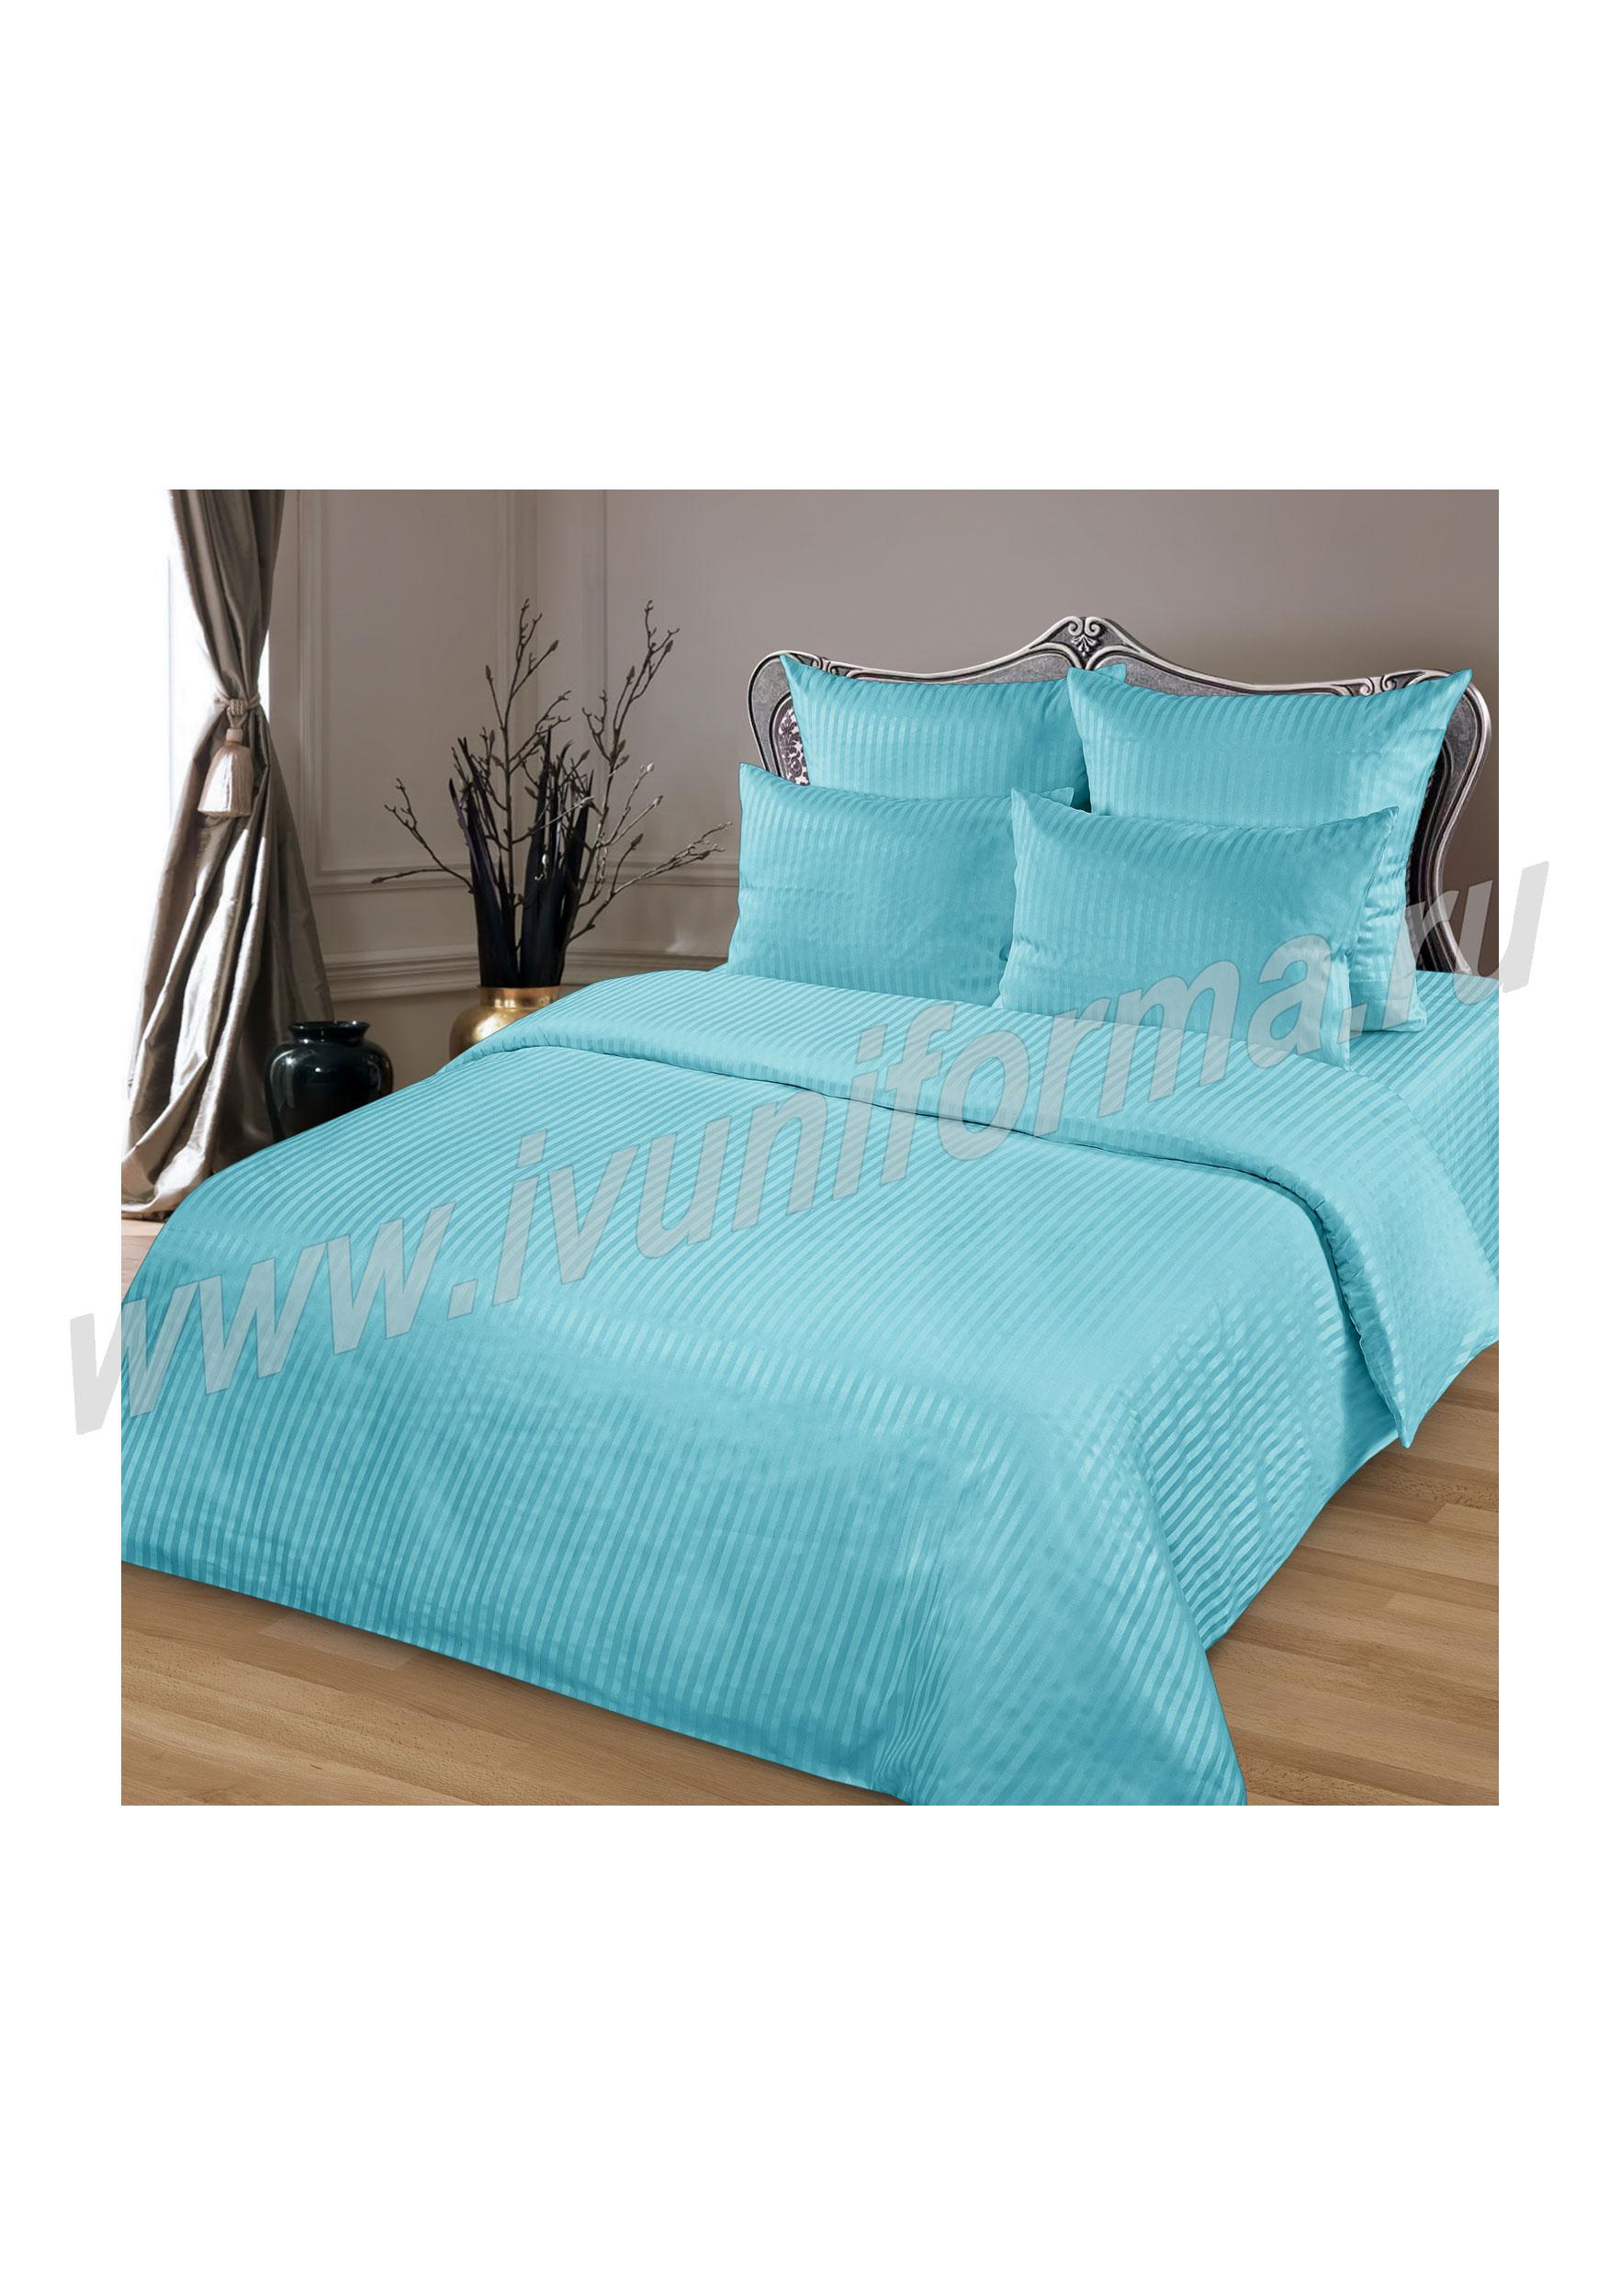 Купить ткань для постельного в новосибирске плательный креп